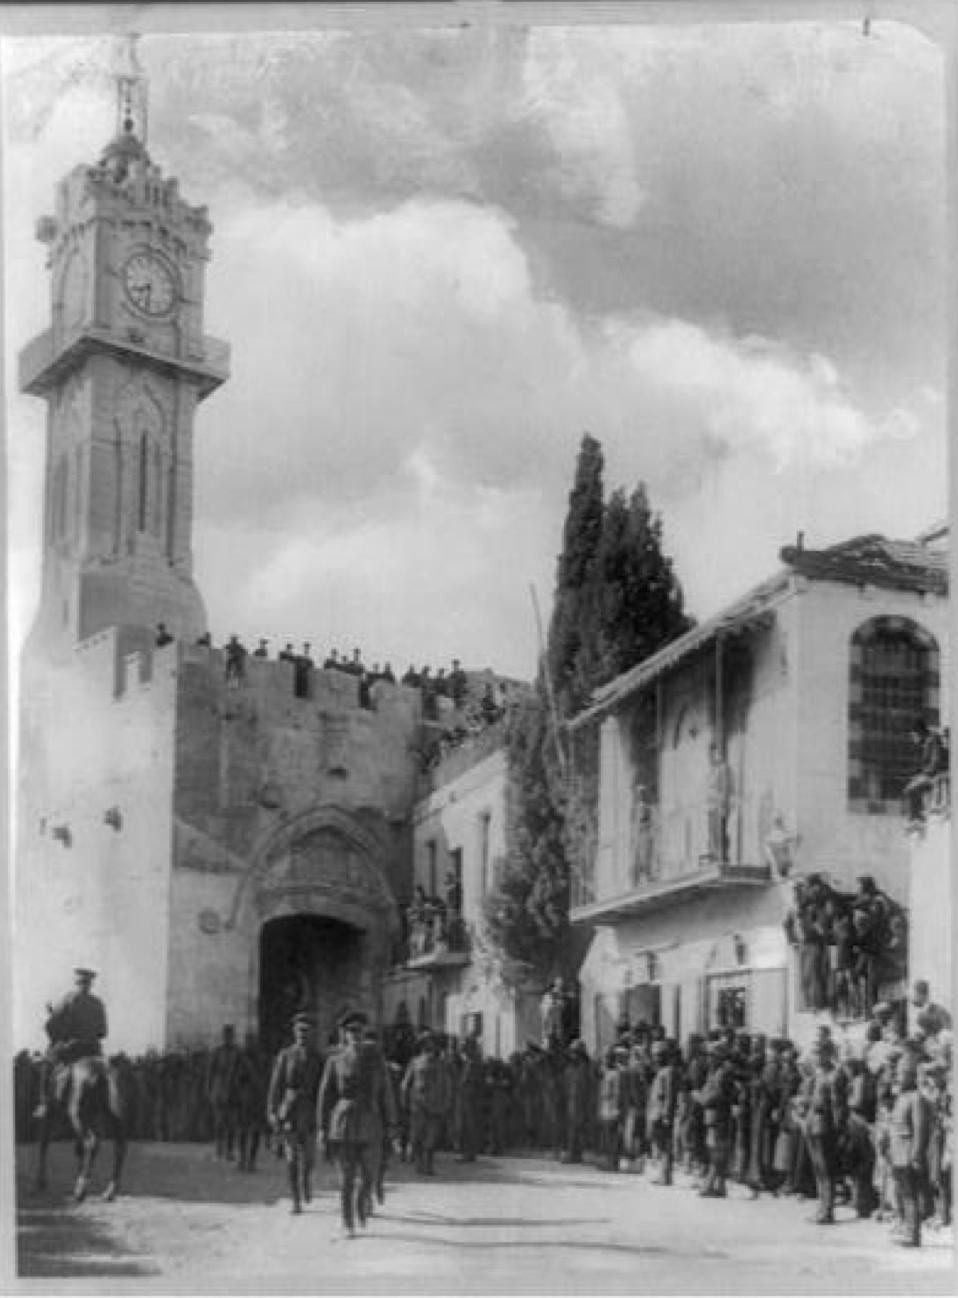 General Allenby's entrance into Jerusalem, December 1917